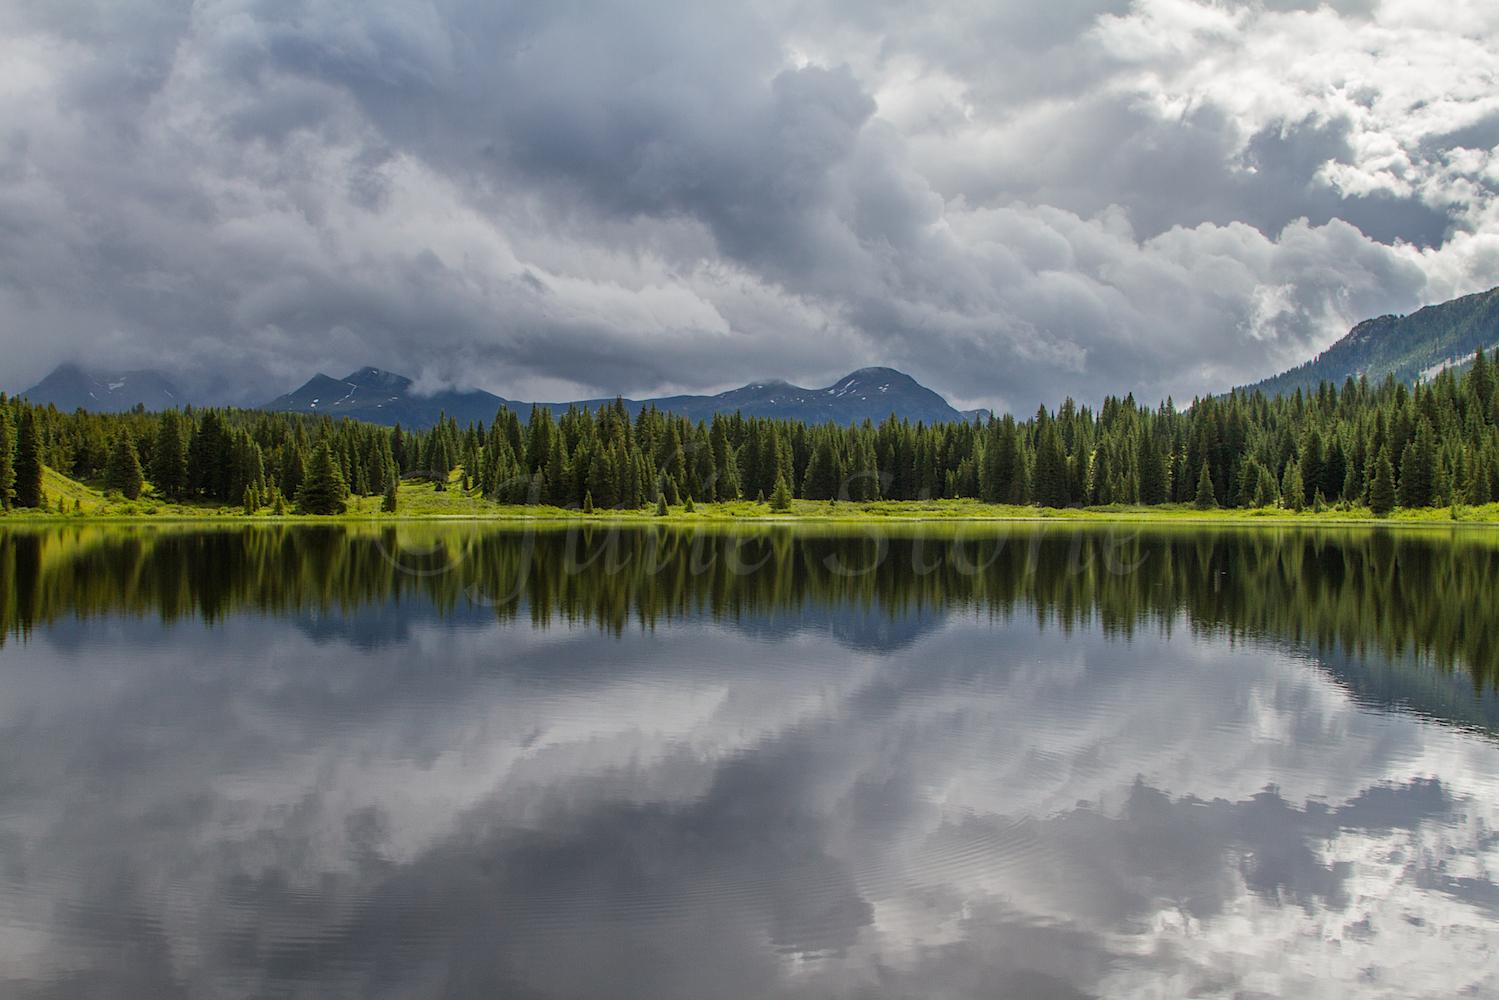 Andrews Lake, Image #1582